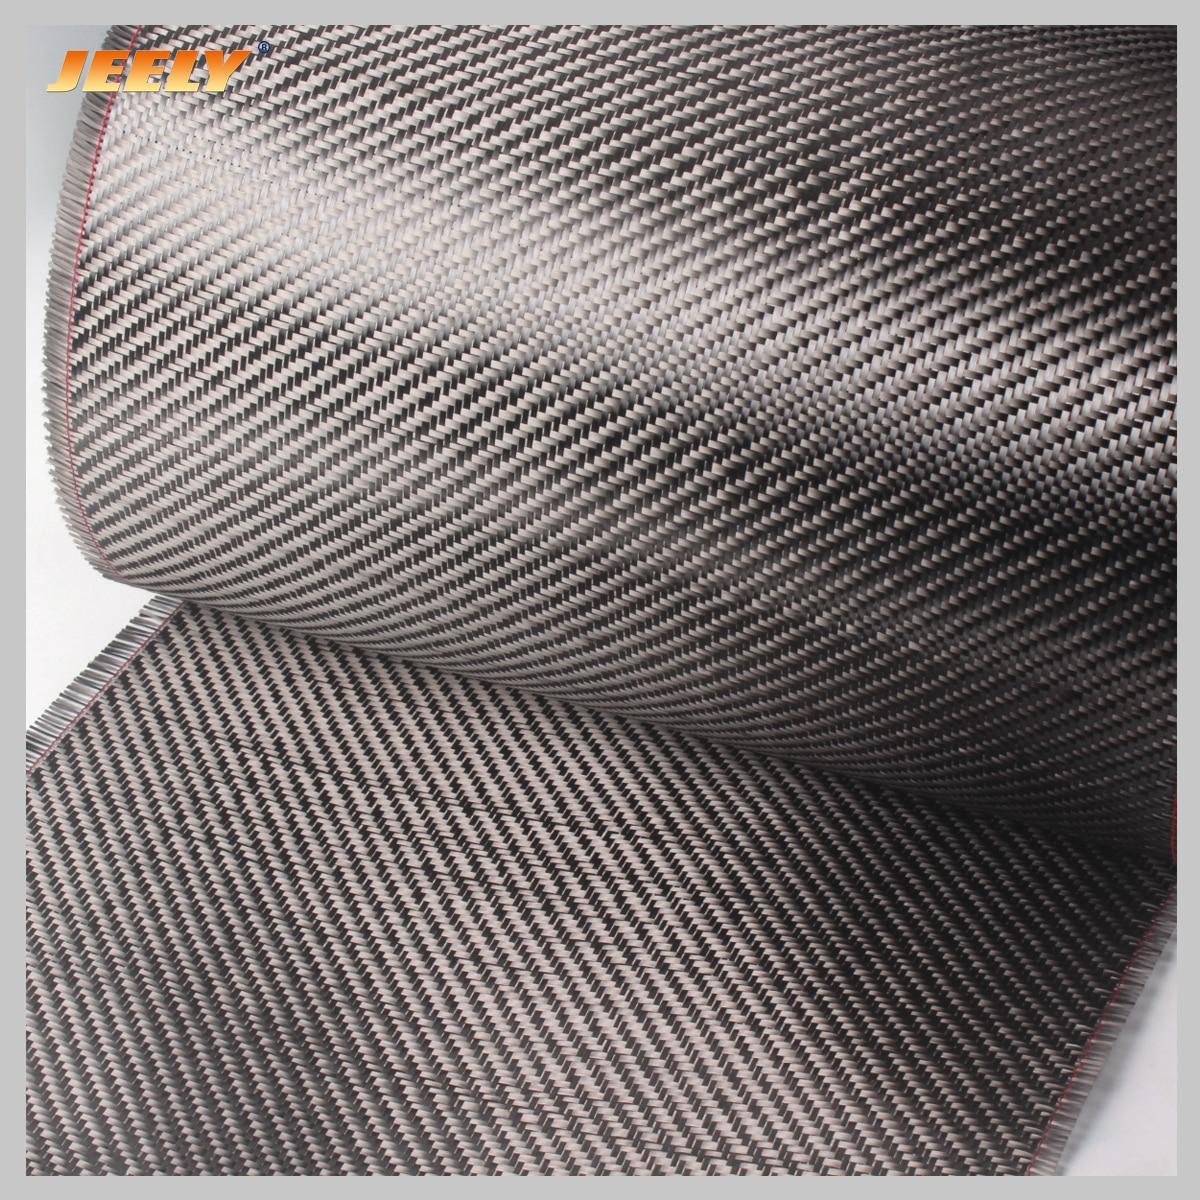 Ткань из углеродного волокна 31 см, 3K, 200 г, 31 см/50 см, 31 см/100 см и 1 квадратный метр, саржевая ткань из углеродного волокна